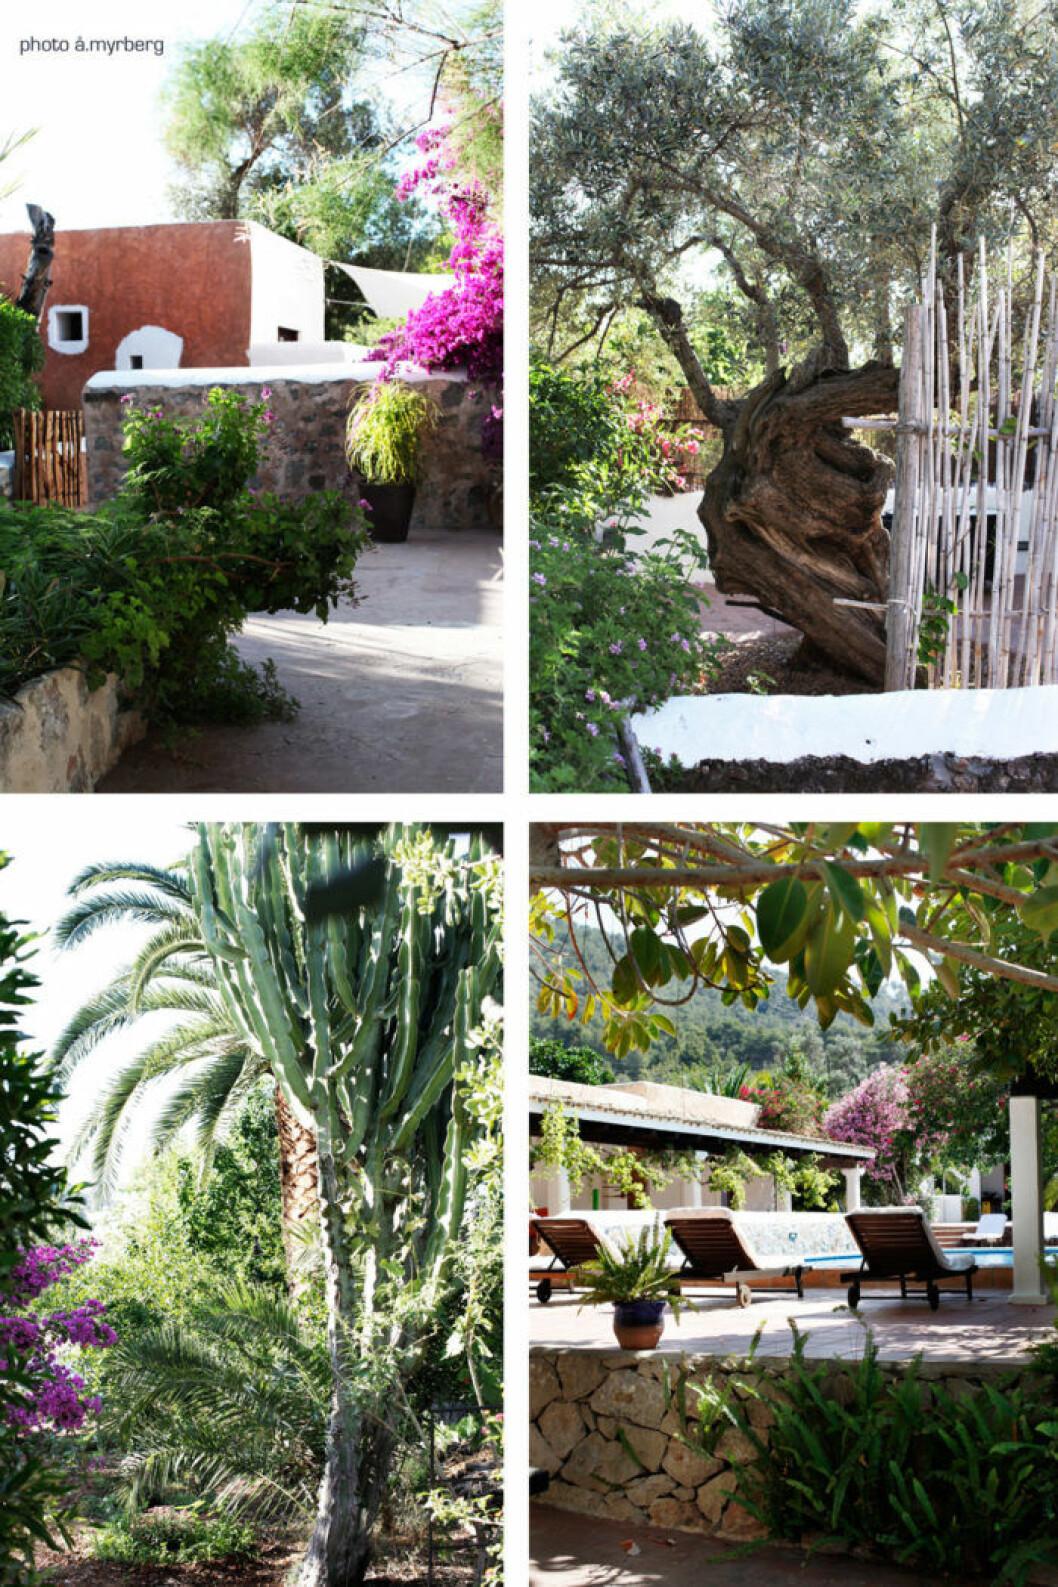 Vi vill åka till Ibiza och bo på Agroturismo Can Pere Sord efter att ha läst Åsa Myrbergs resetips.